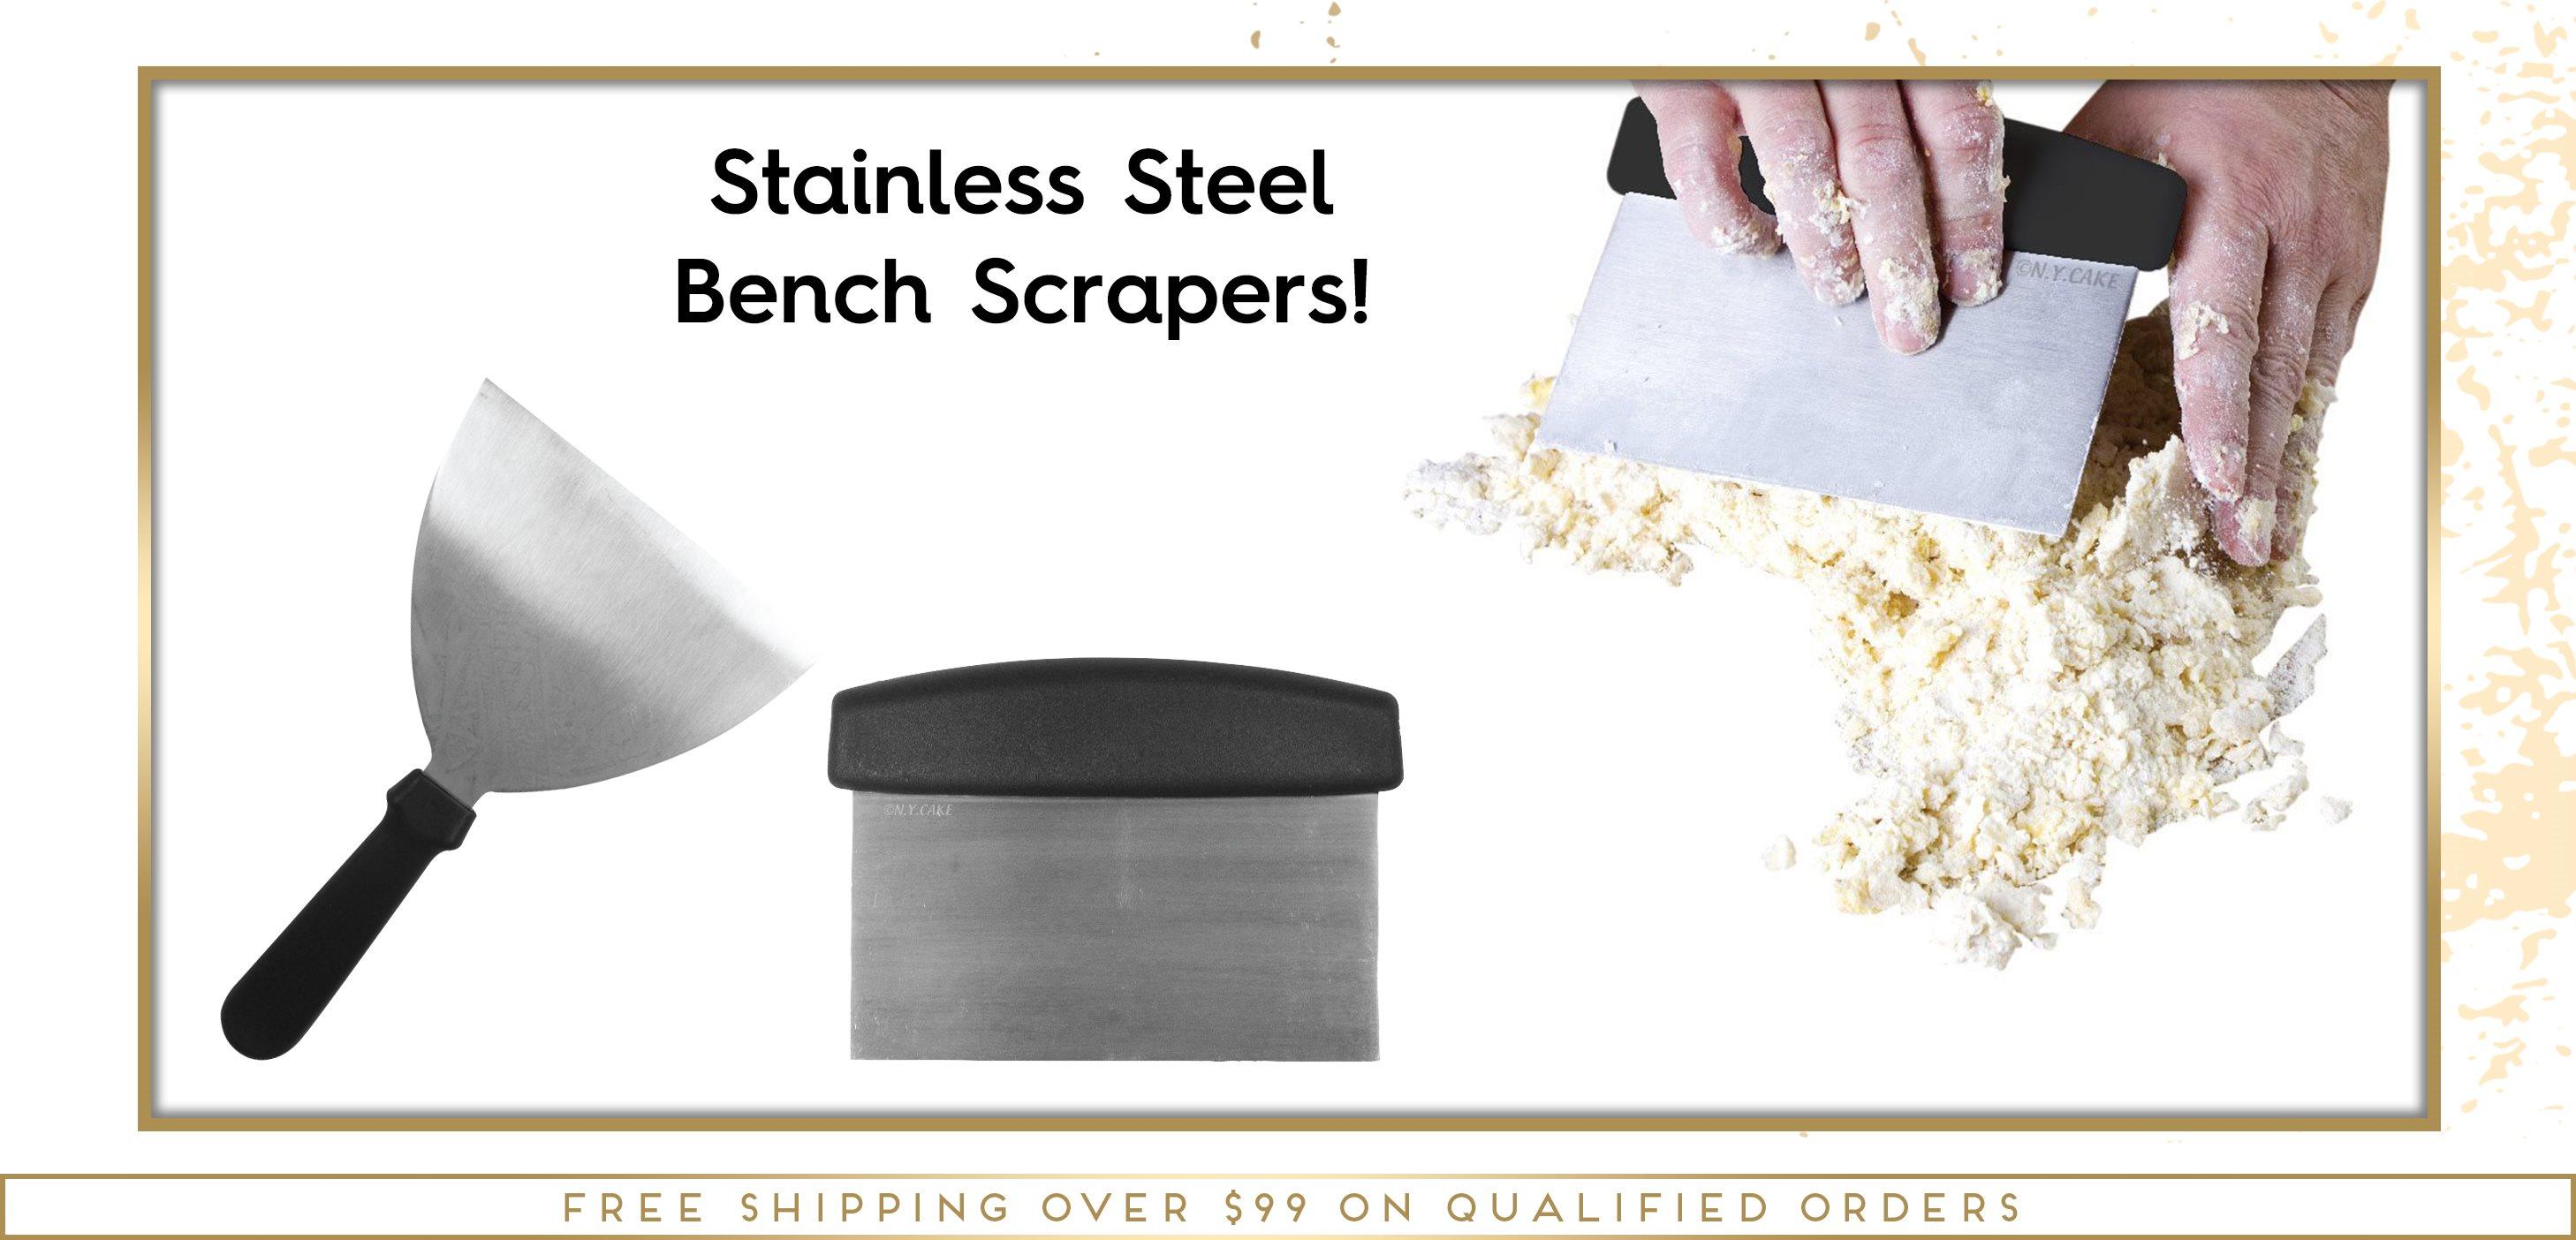 Bench Scrapers